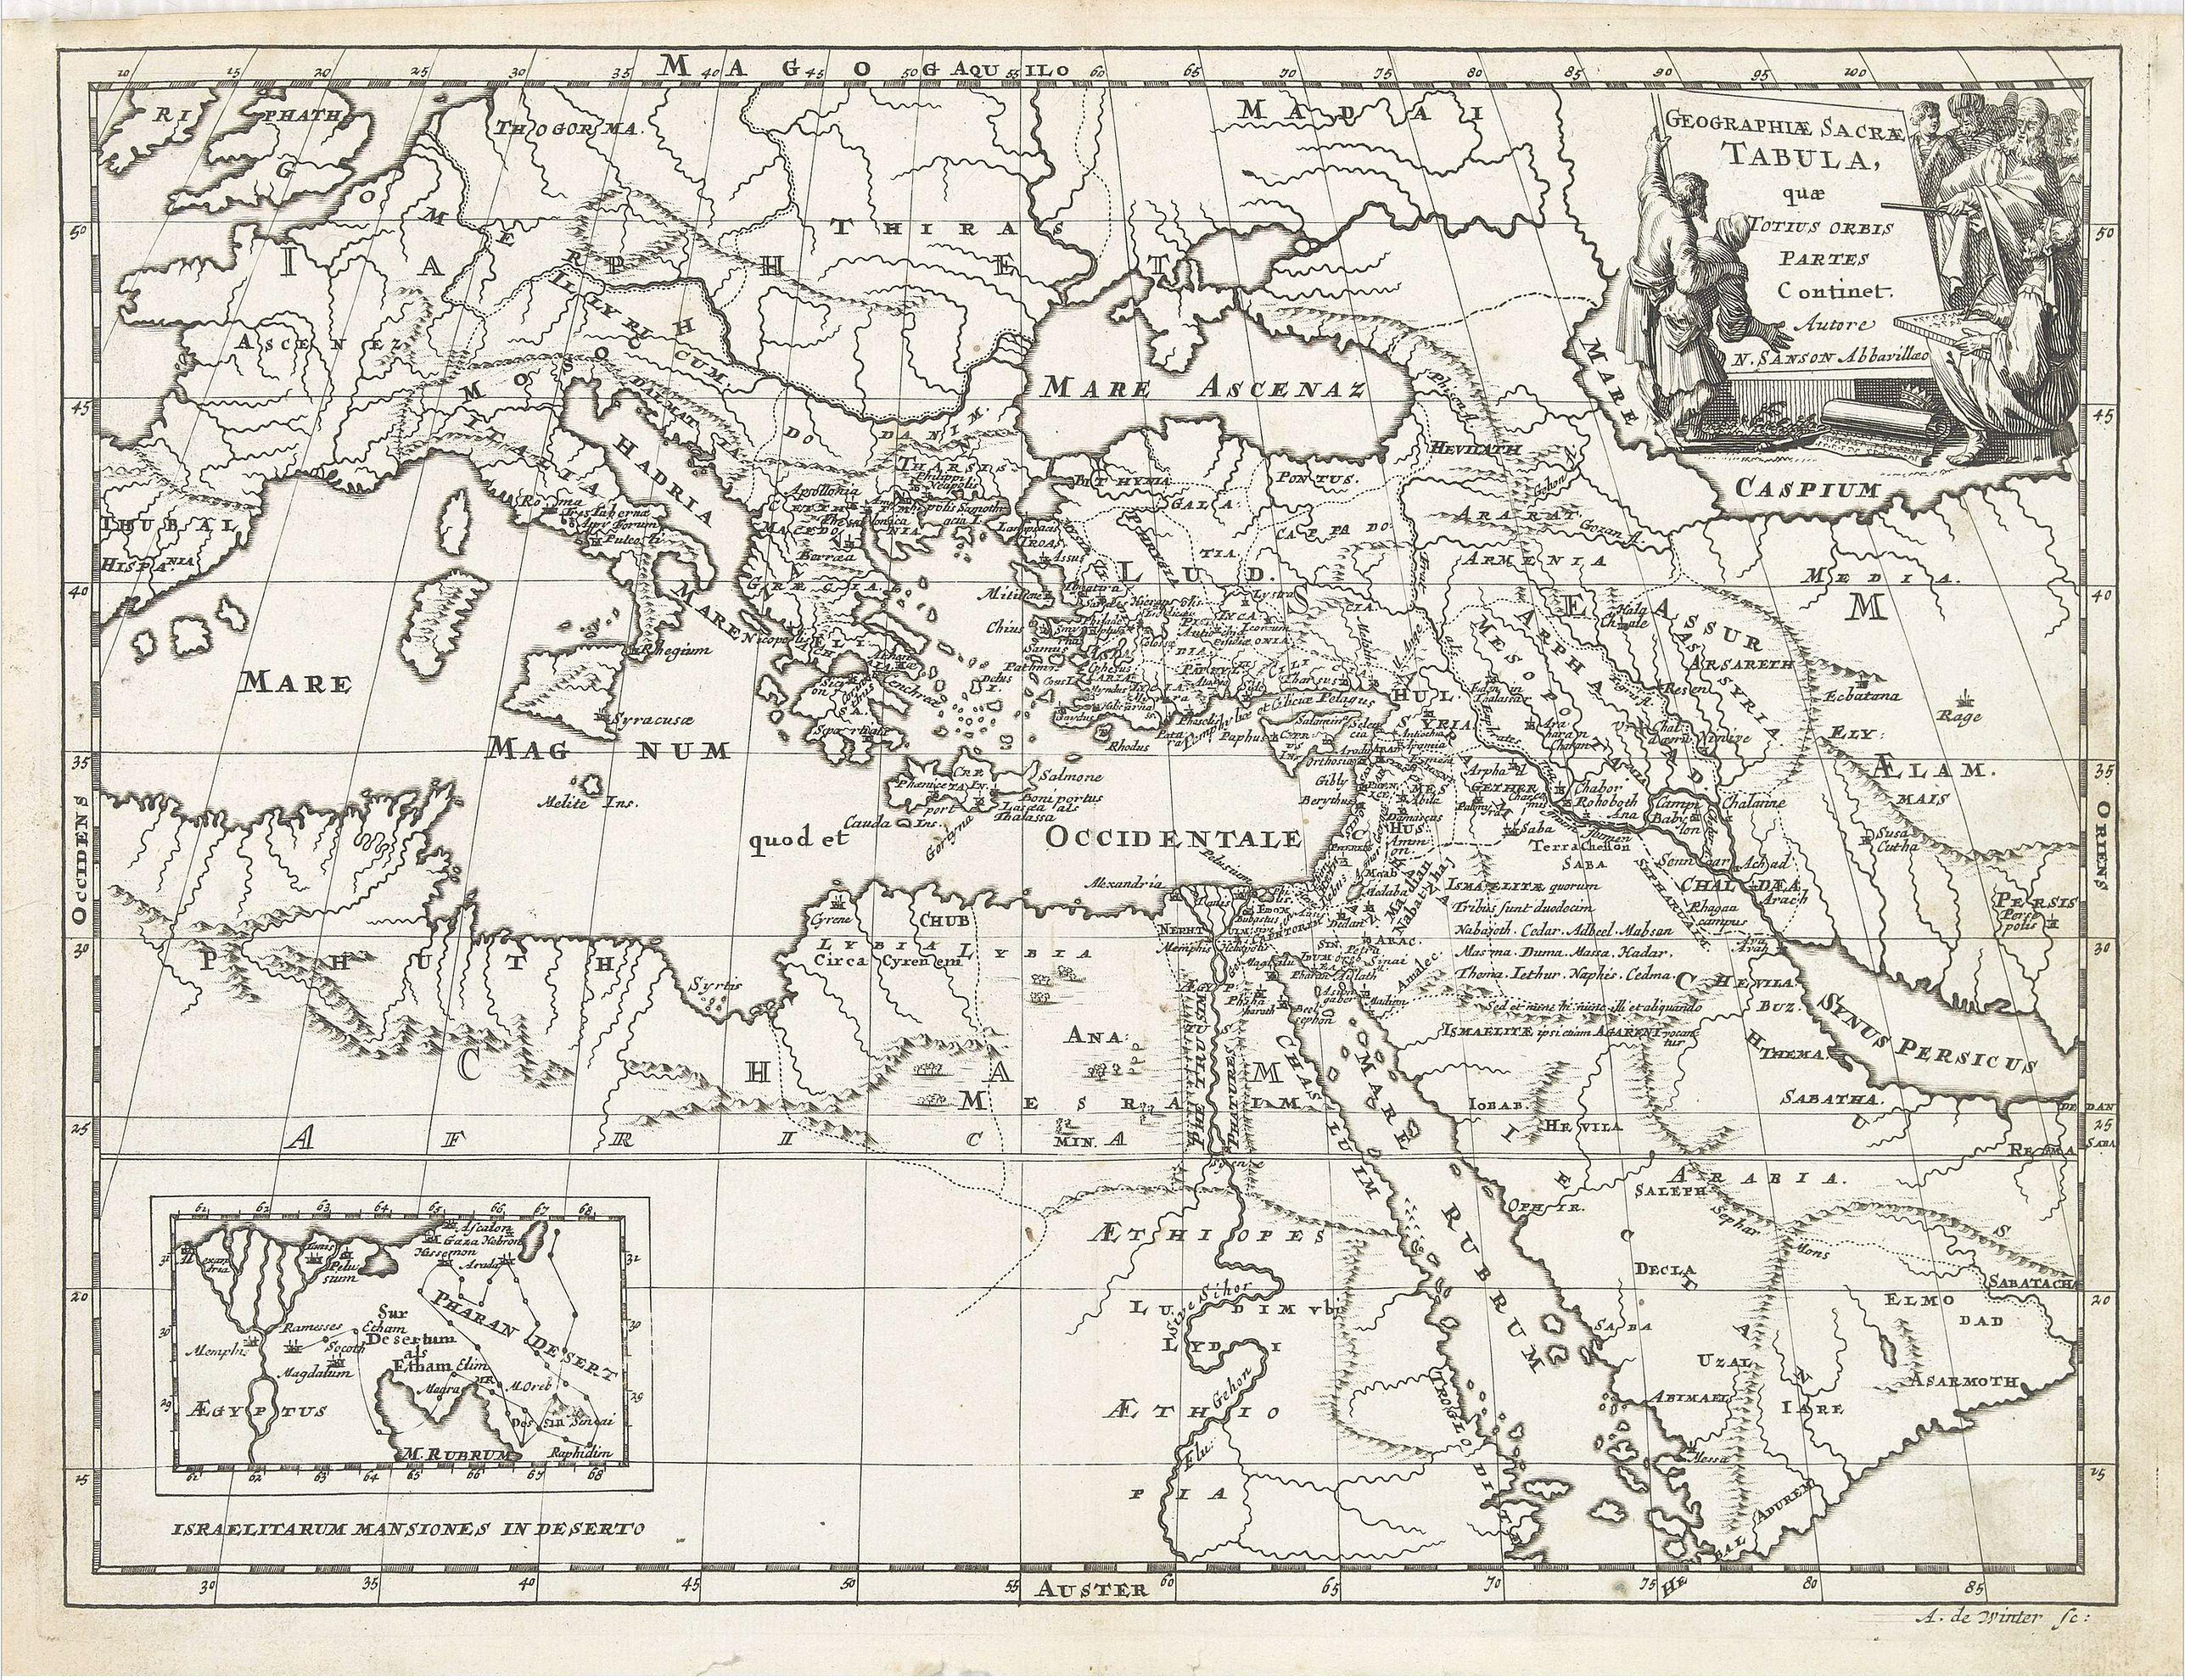 SANSON, N. -  Geographiae Sacrae Tabula, que totius orbis partes continent.